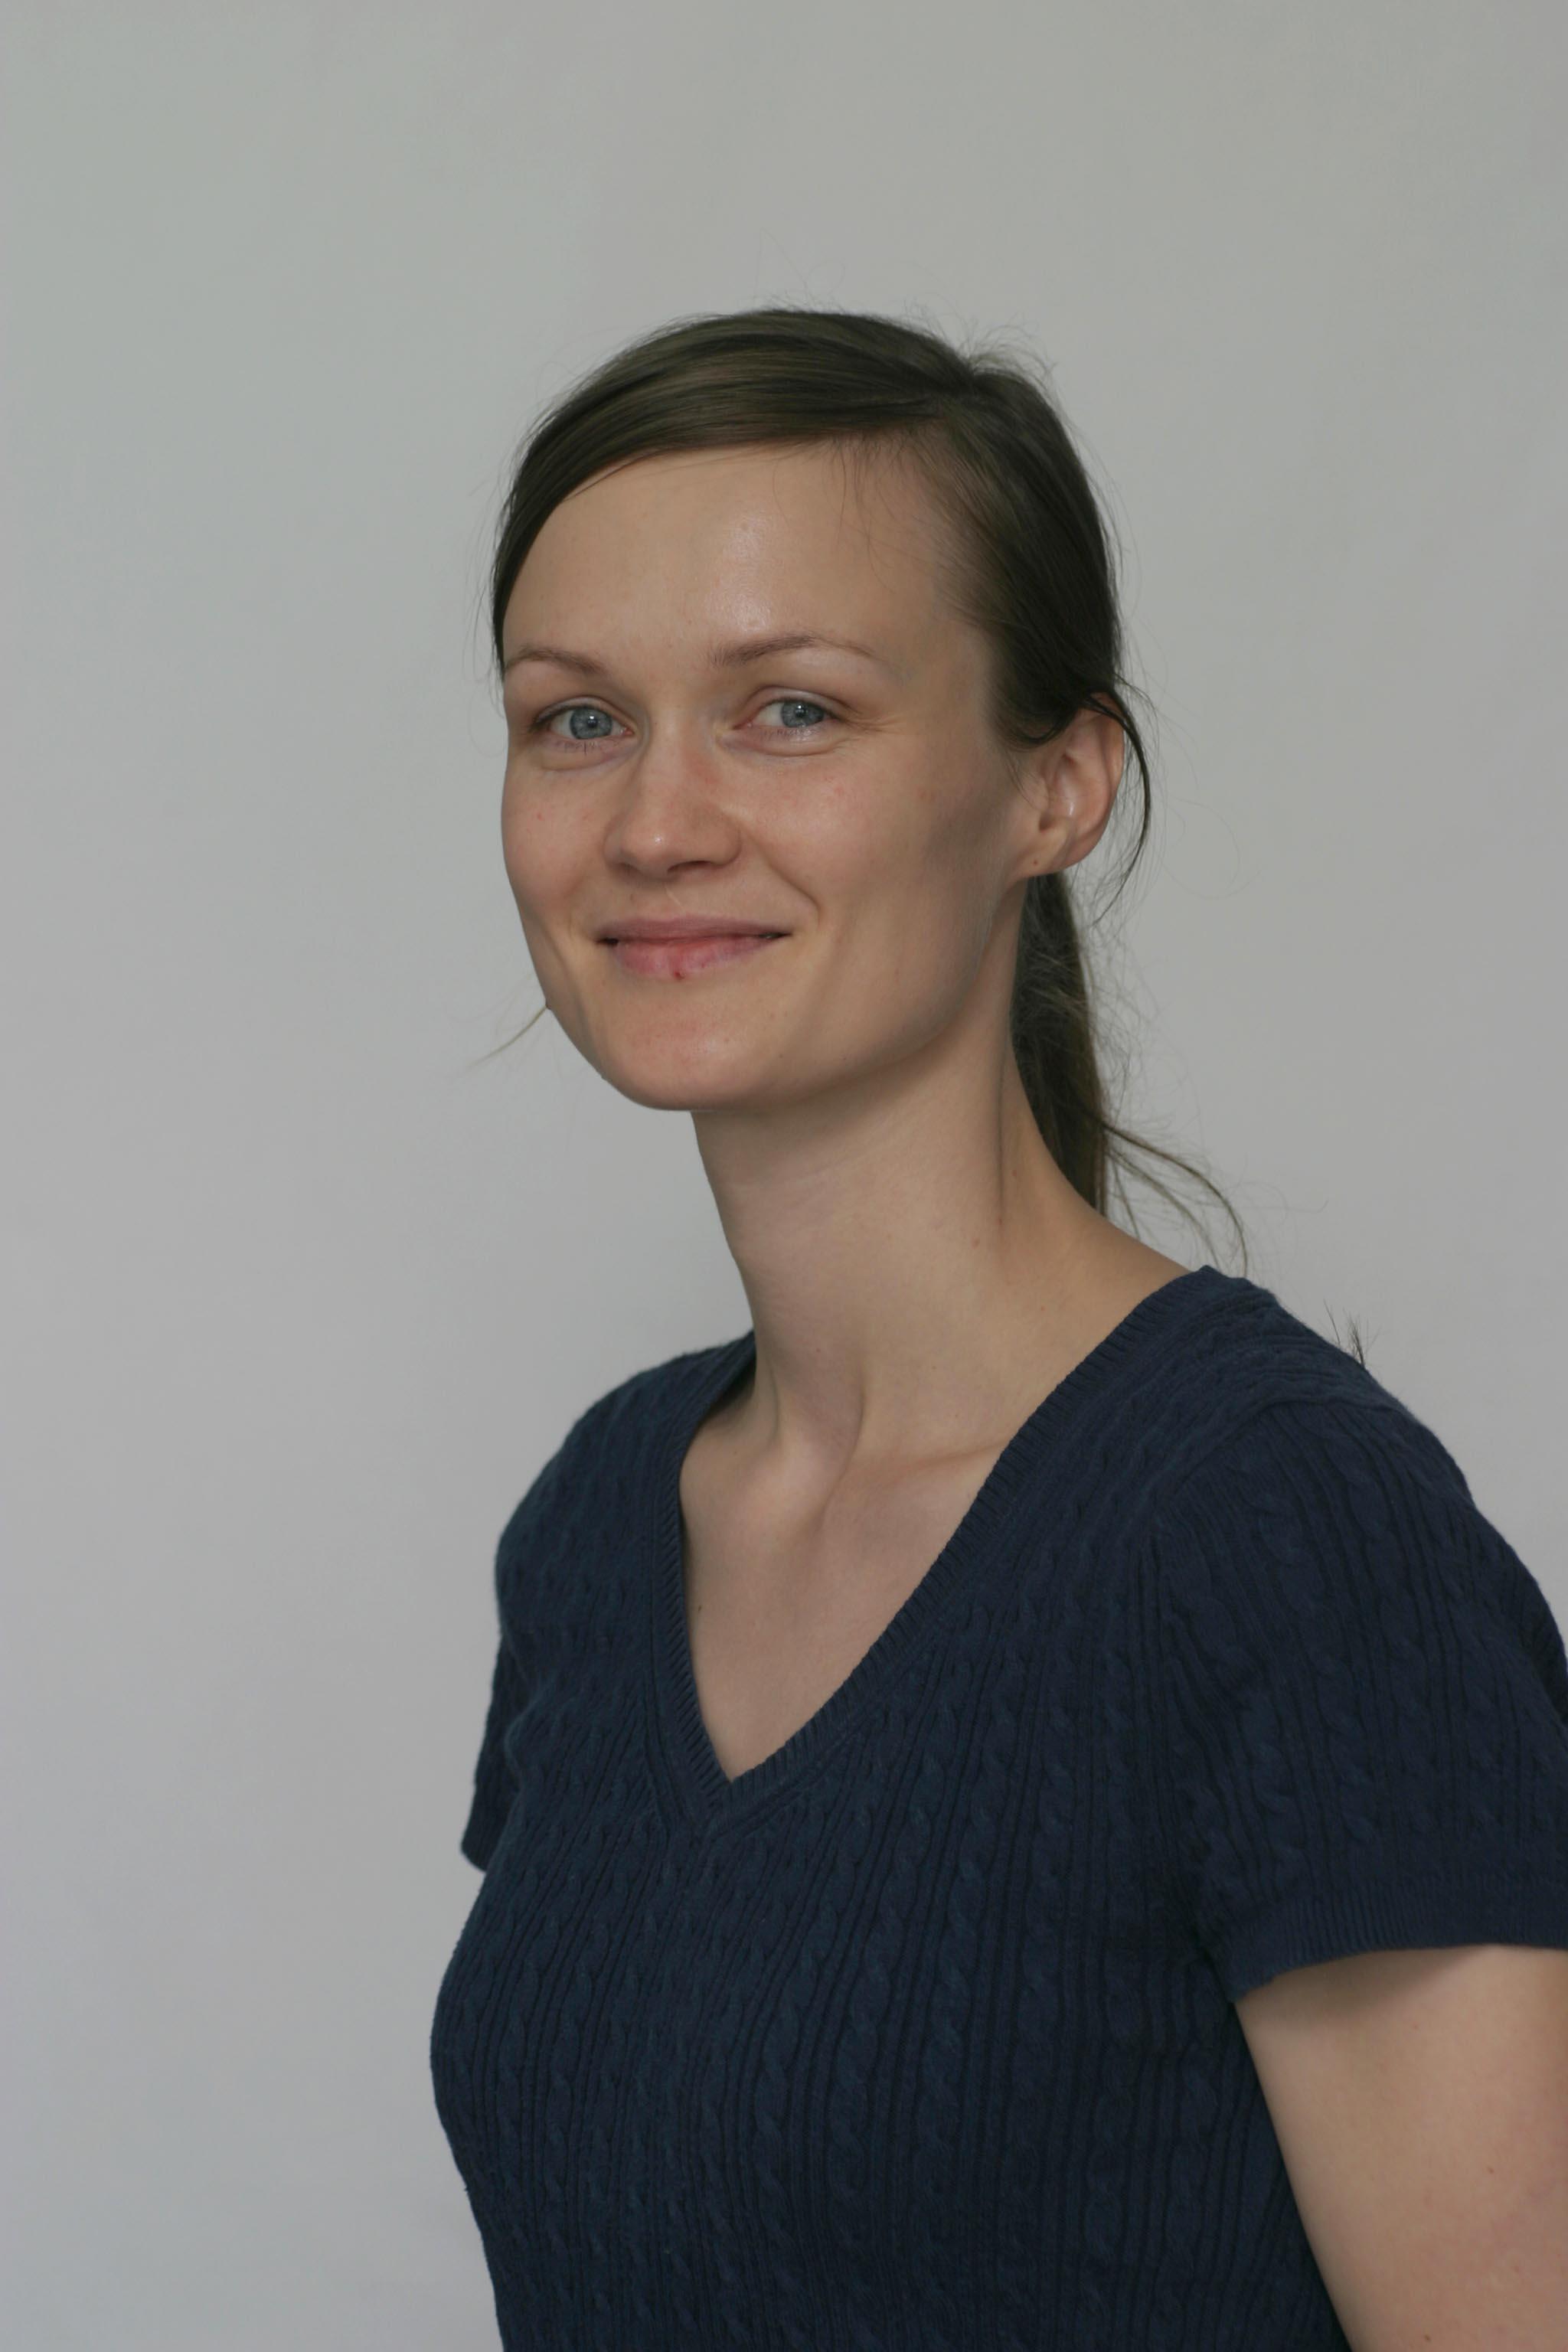 Katjadoerschner